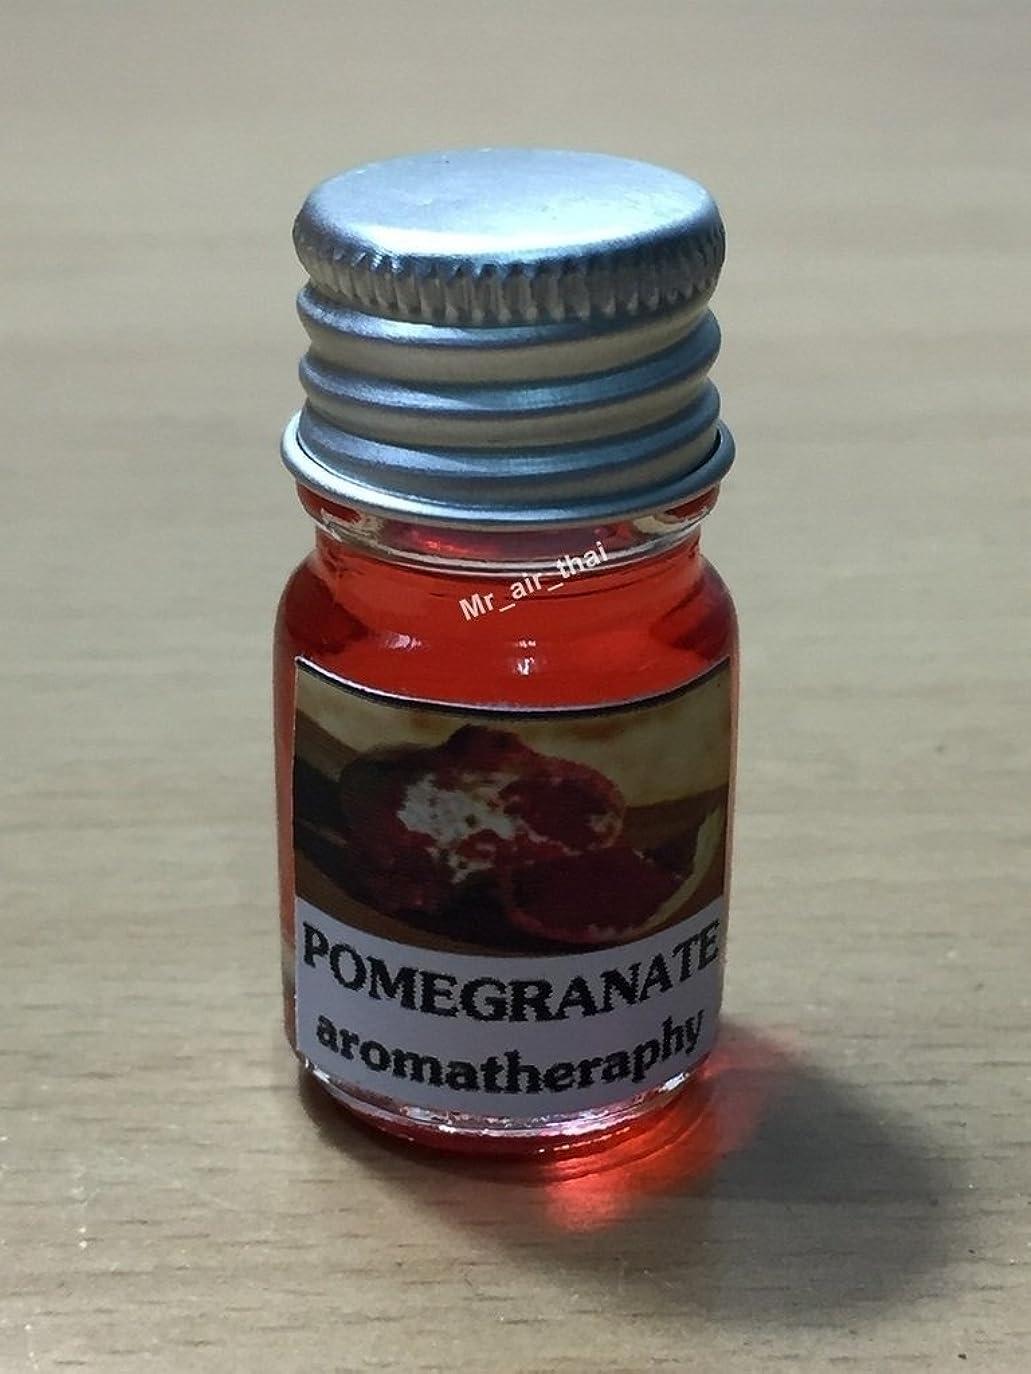 前部ピーク財団5ミリリットルアロマザクロフランクインセンスエッセンシャルオイルボトルアロマテラピーオイル自然自然5ml Aroma Pomegranate Frankincense Essential Oil Bottles Aromatherapy Oils natural nature